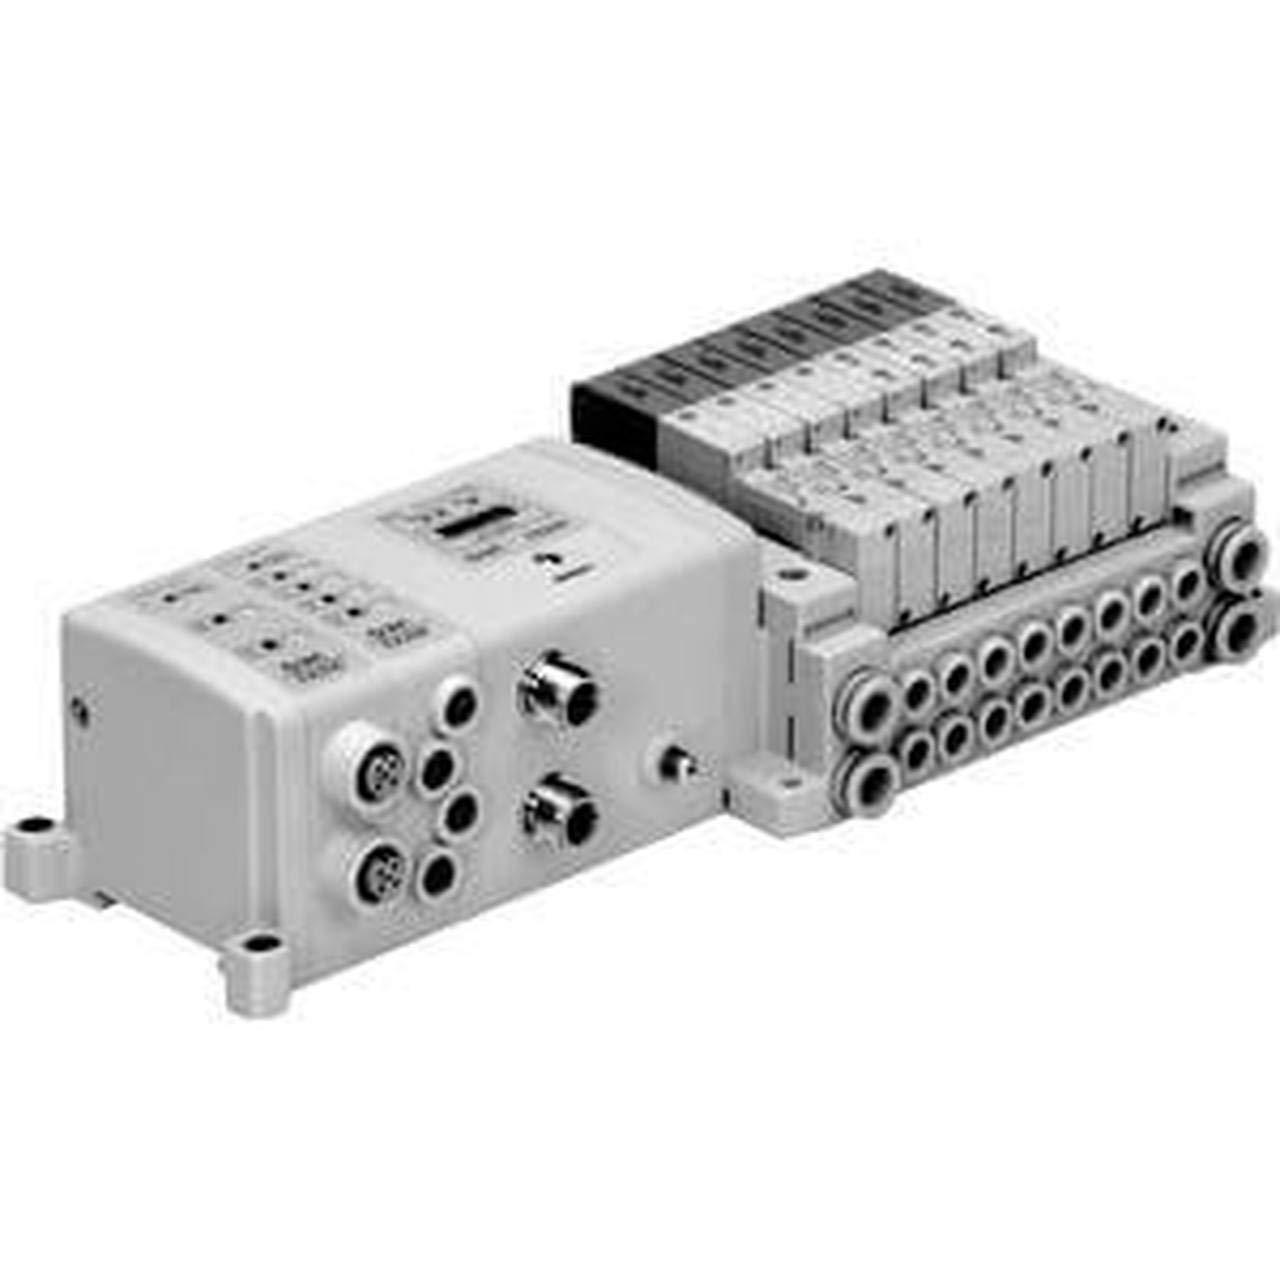 SMC SS5V1-W10S1QWD-08U-N7-D-X160US